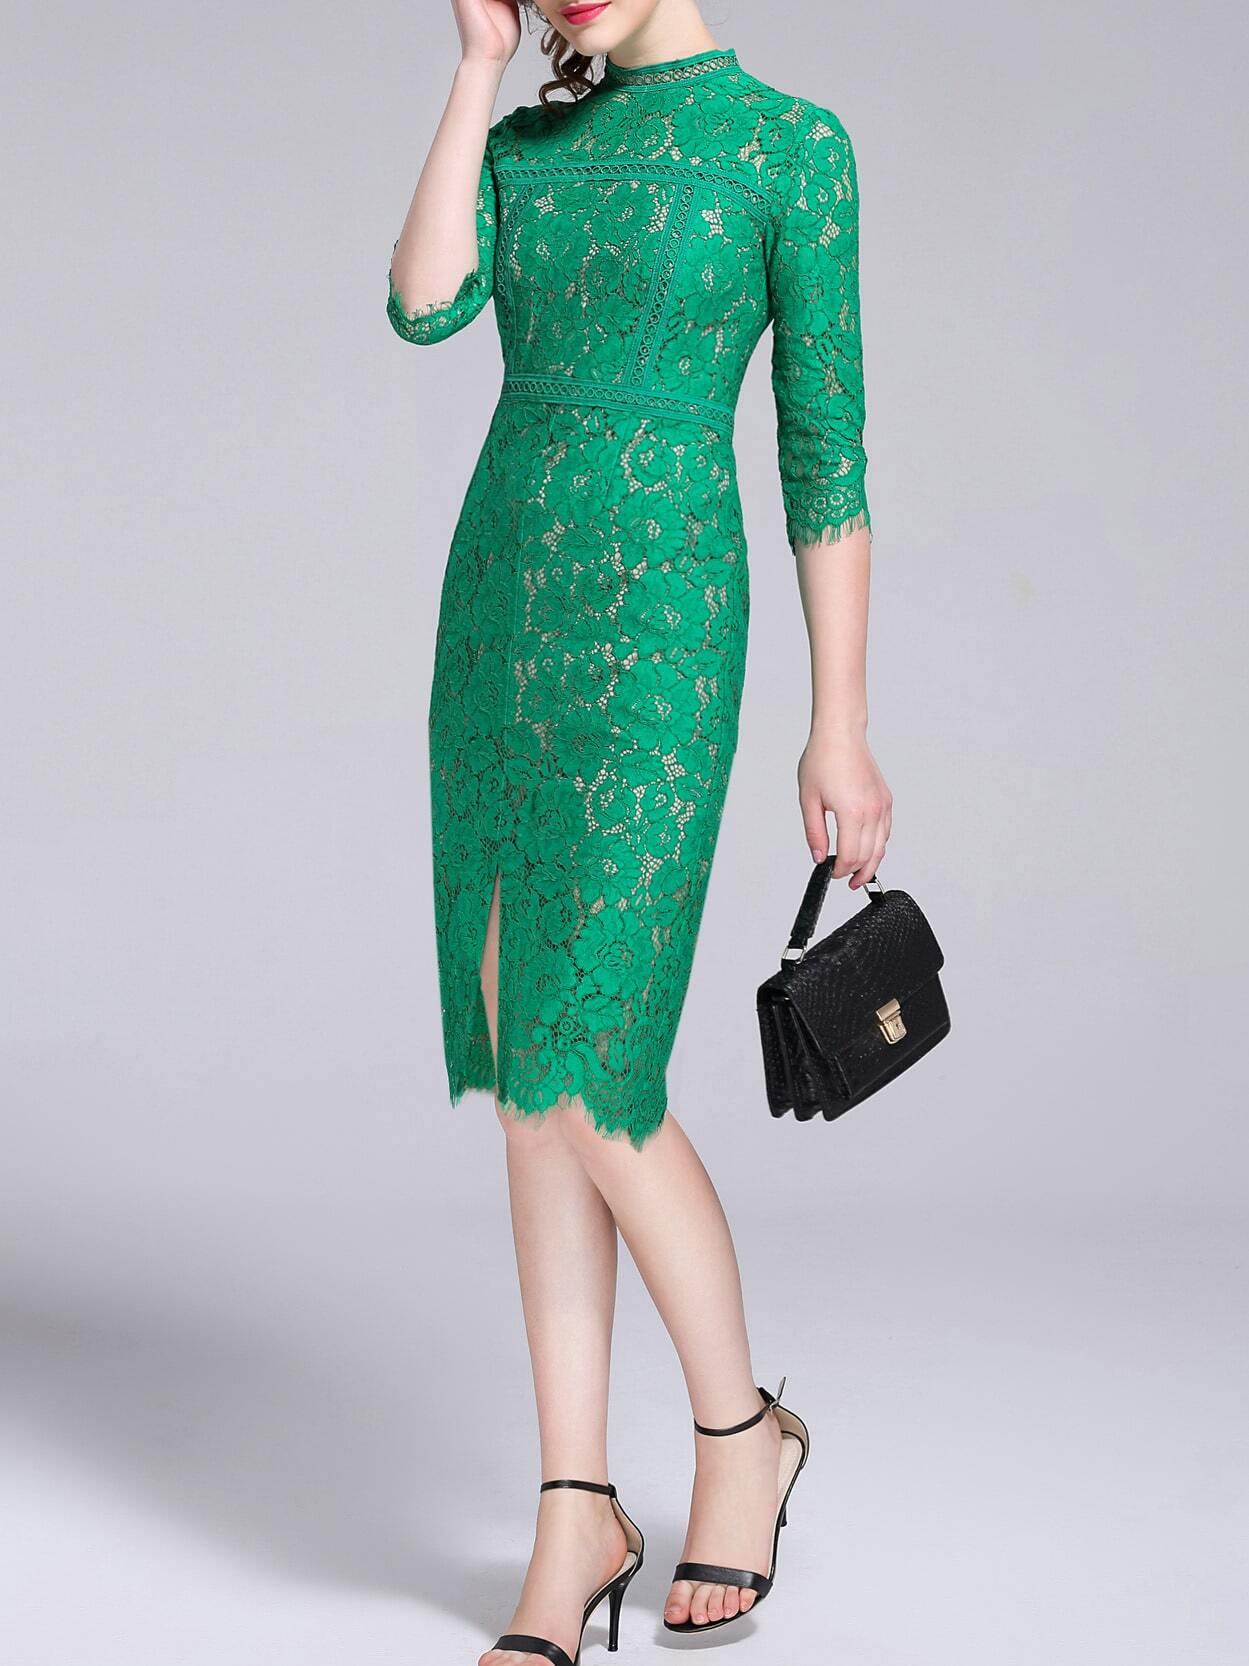 dress170310607_2